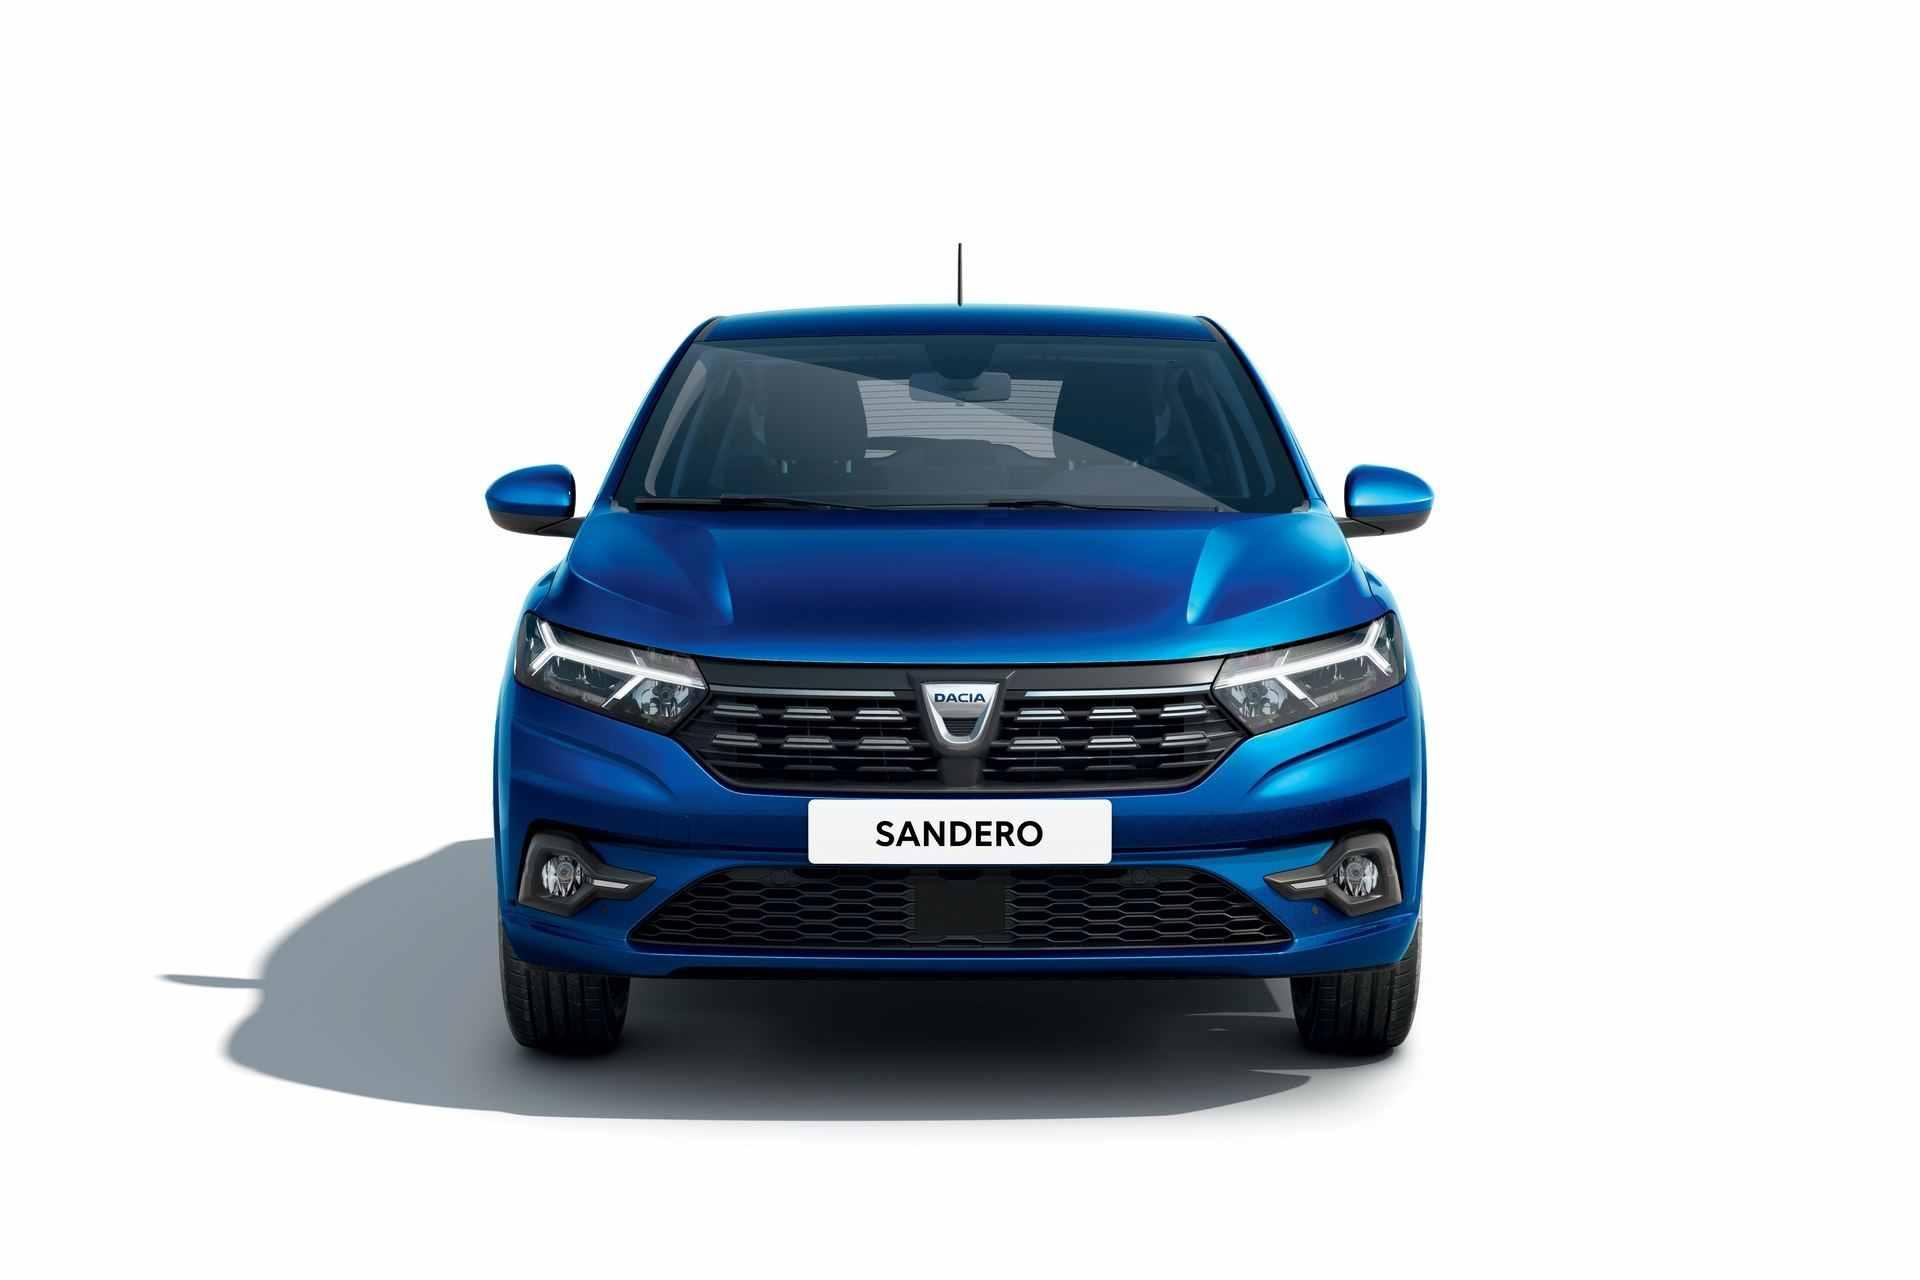 2020_Dacia_Sandero_0005